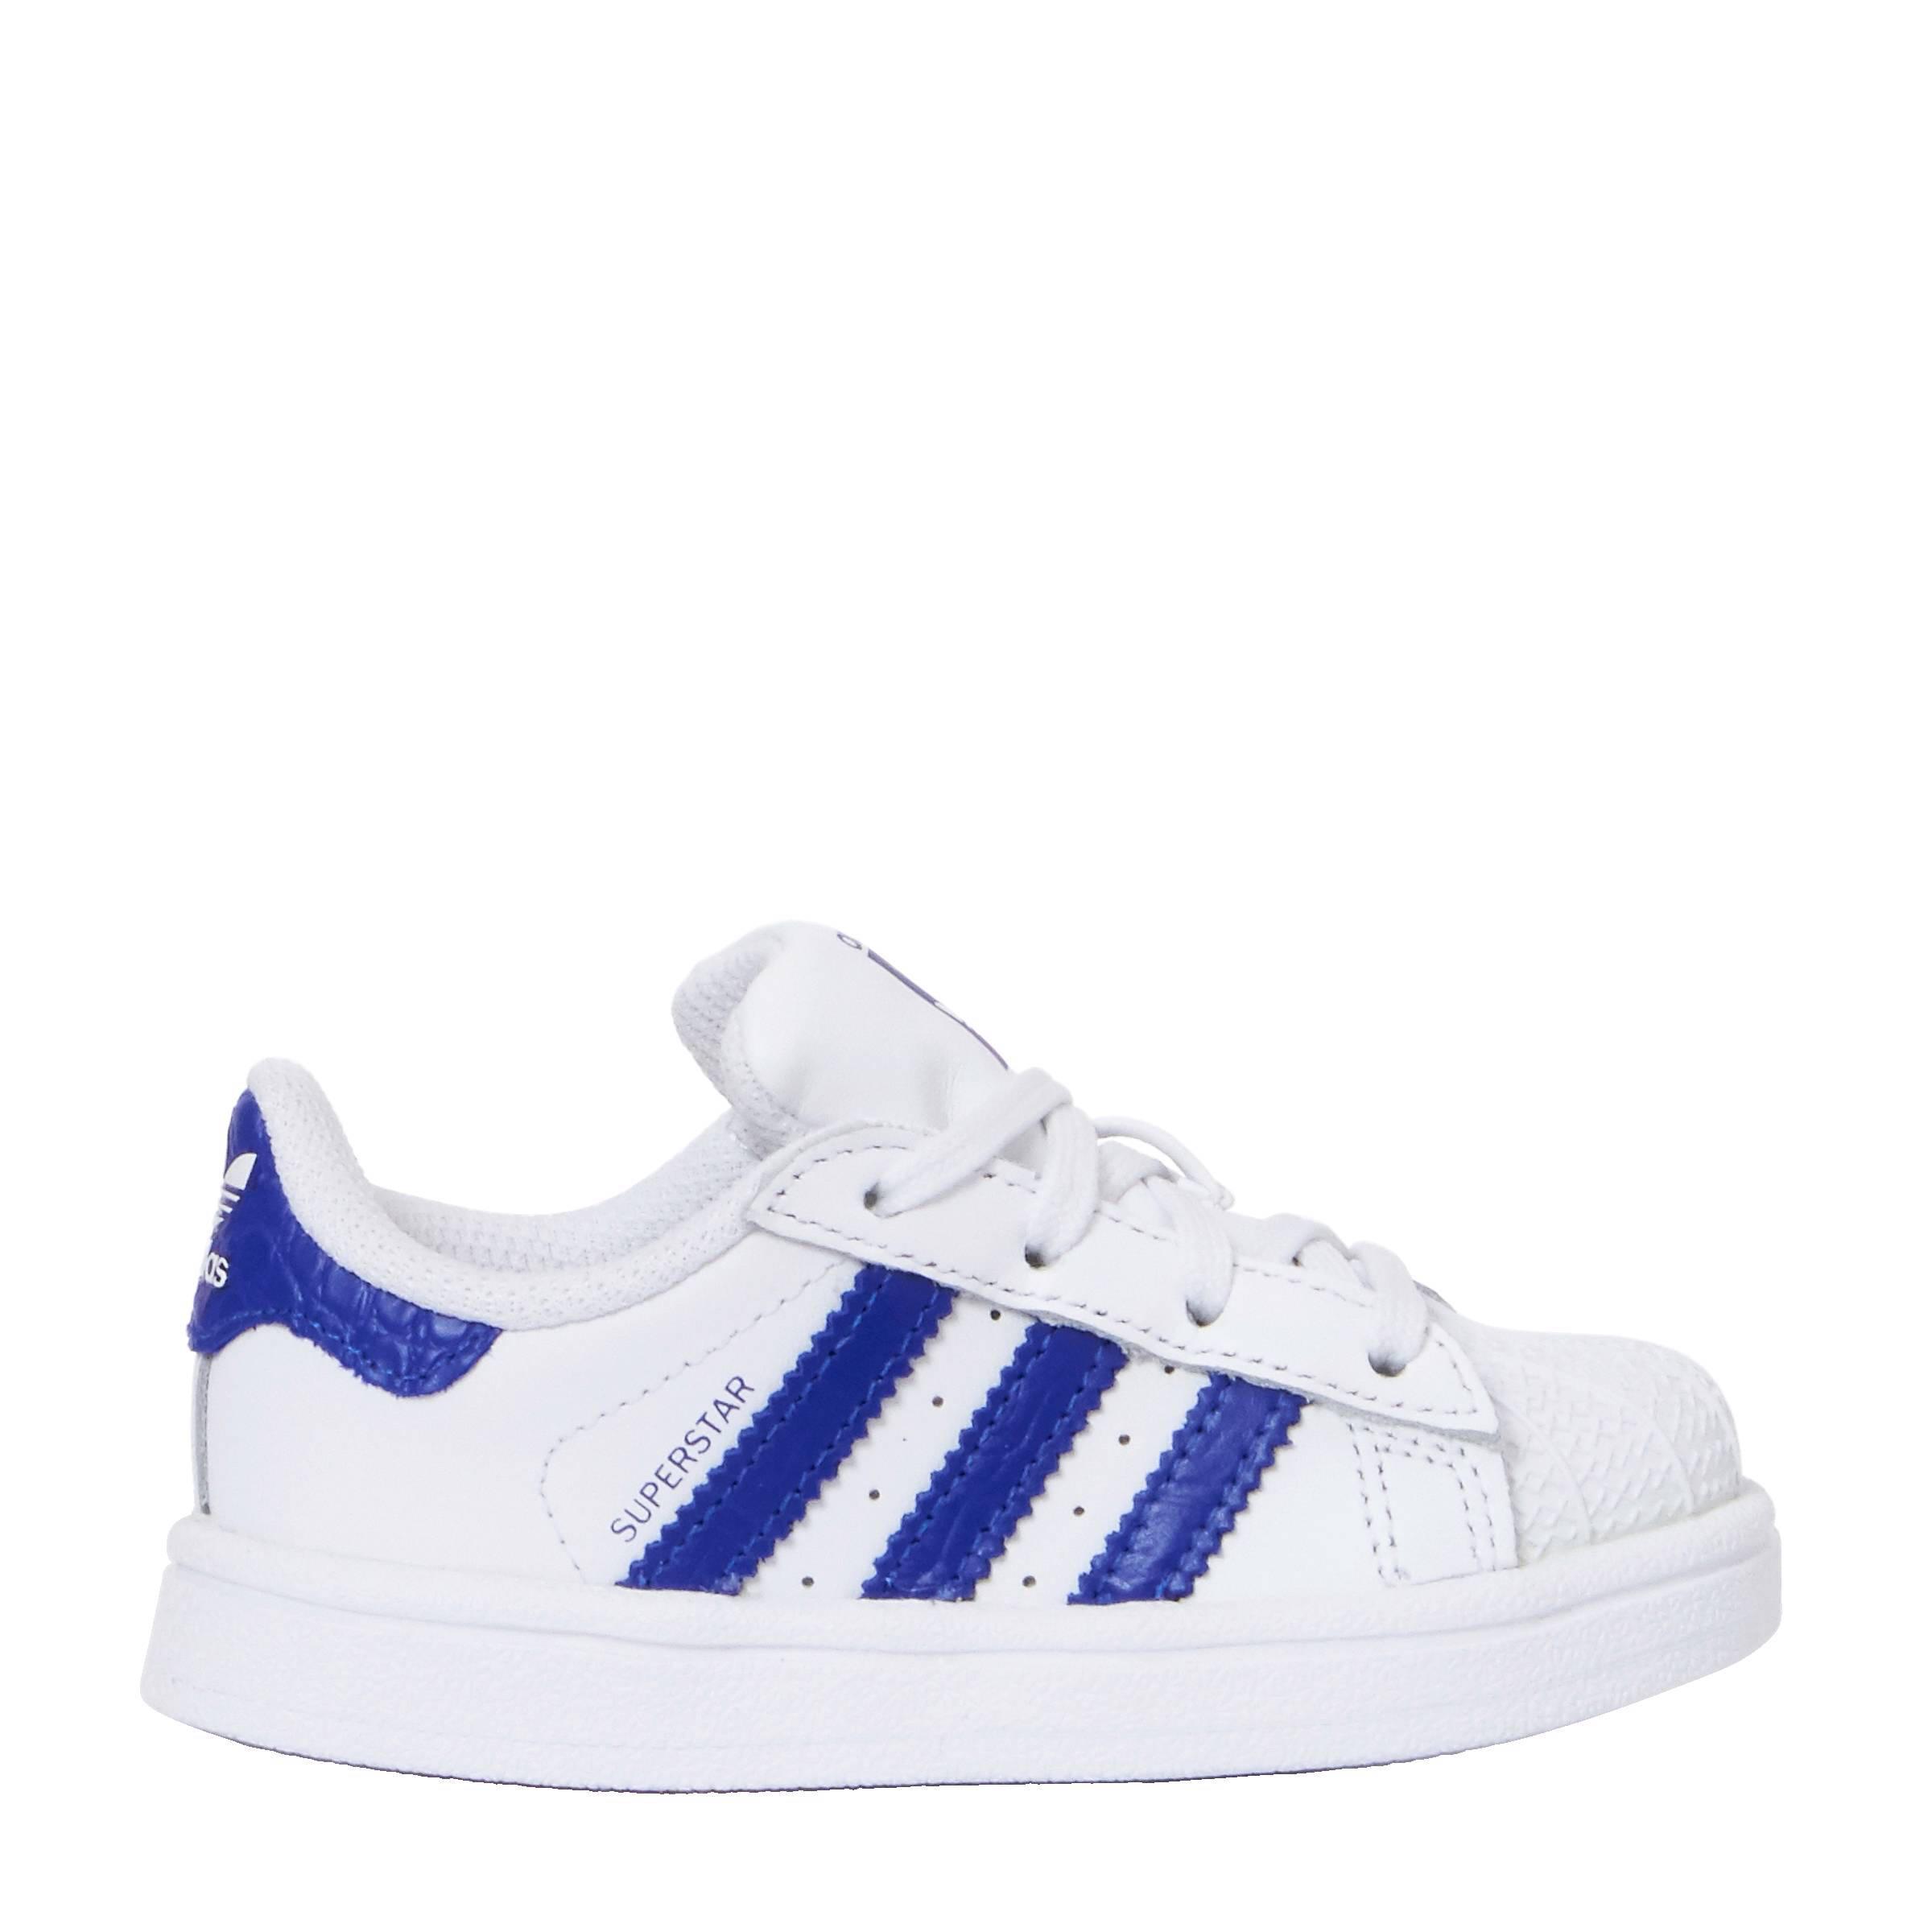 originals Superstar I sneakers